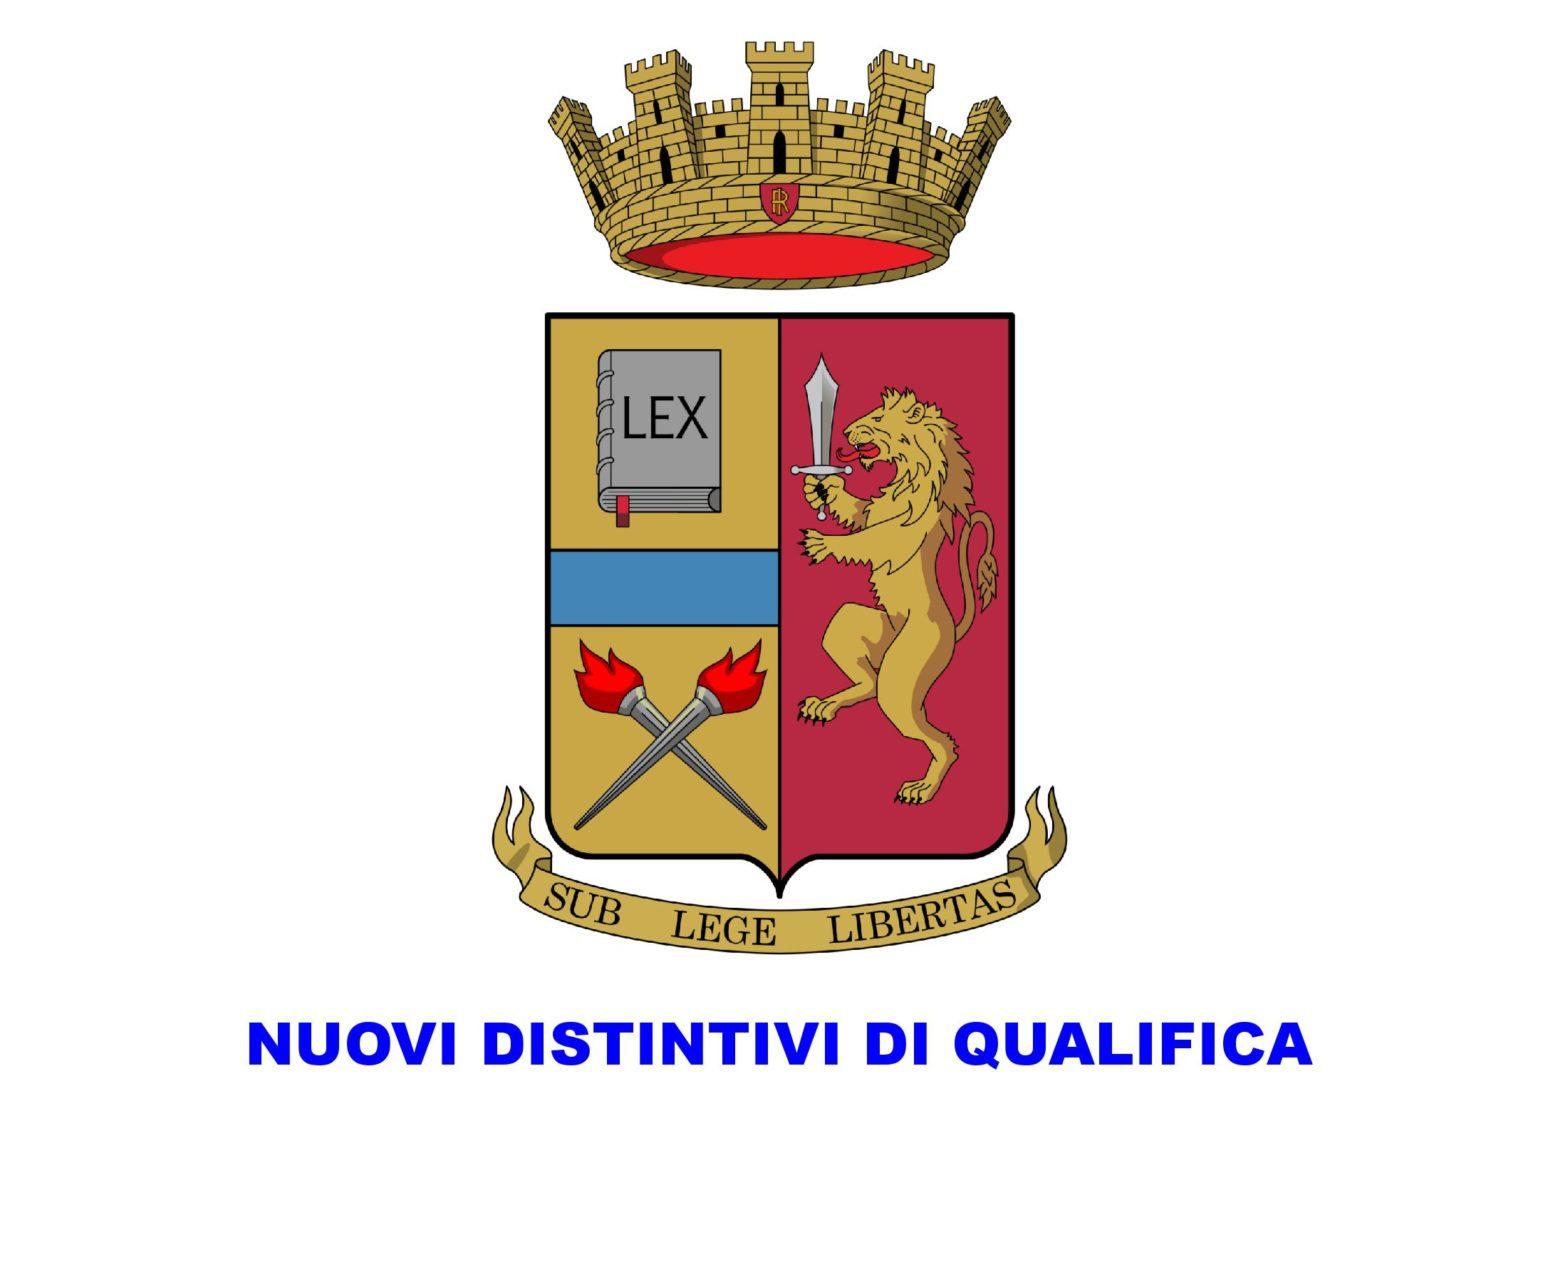 Commissione di studio per la revisione dei distintivi di qualifica.